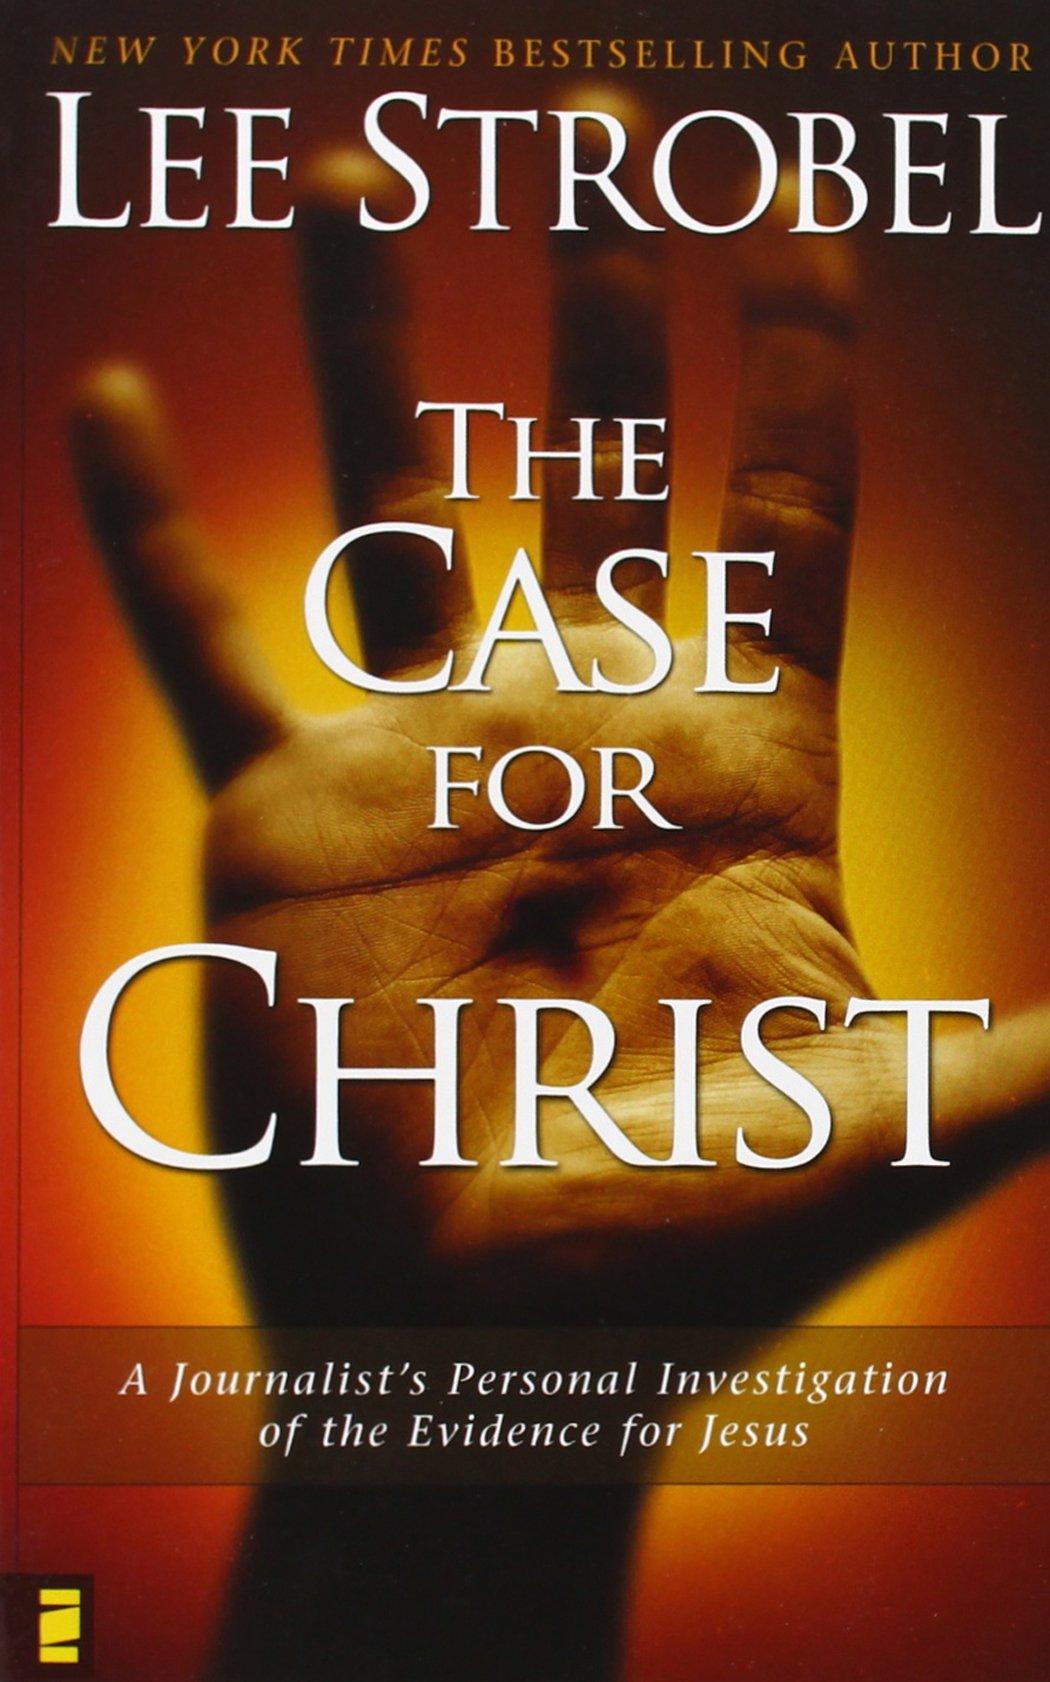 LEE STROBEL THE CASE FOR CHRIST